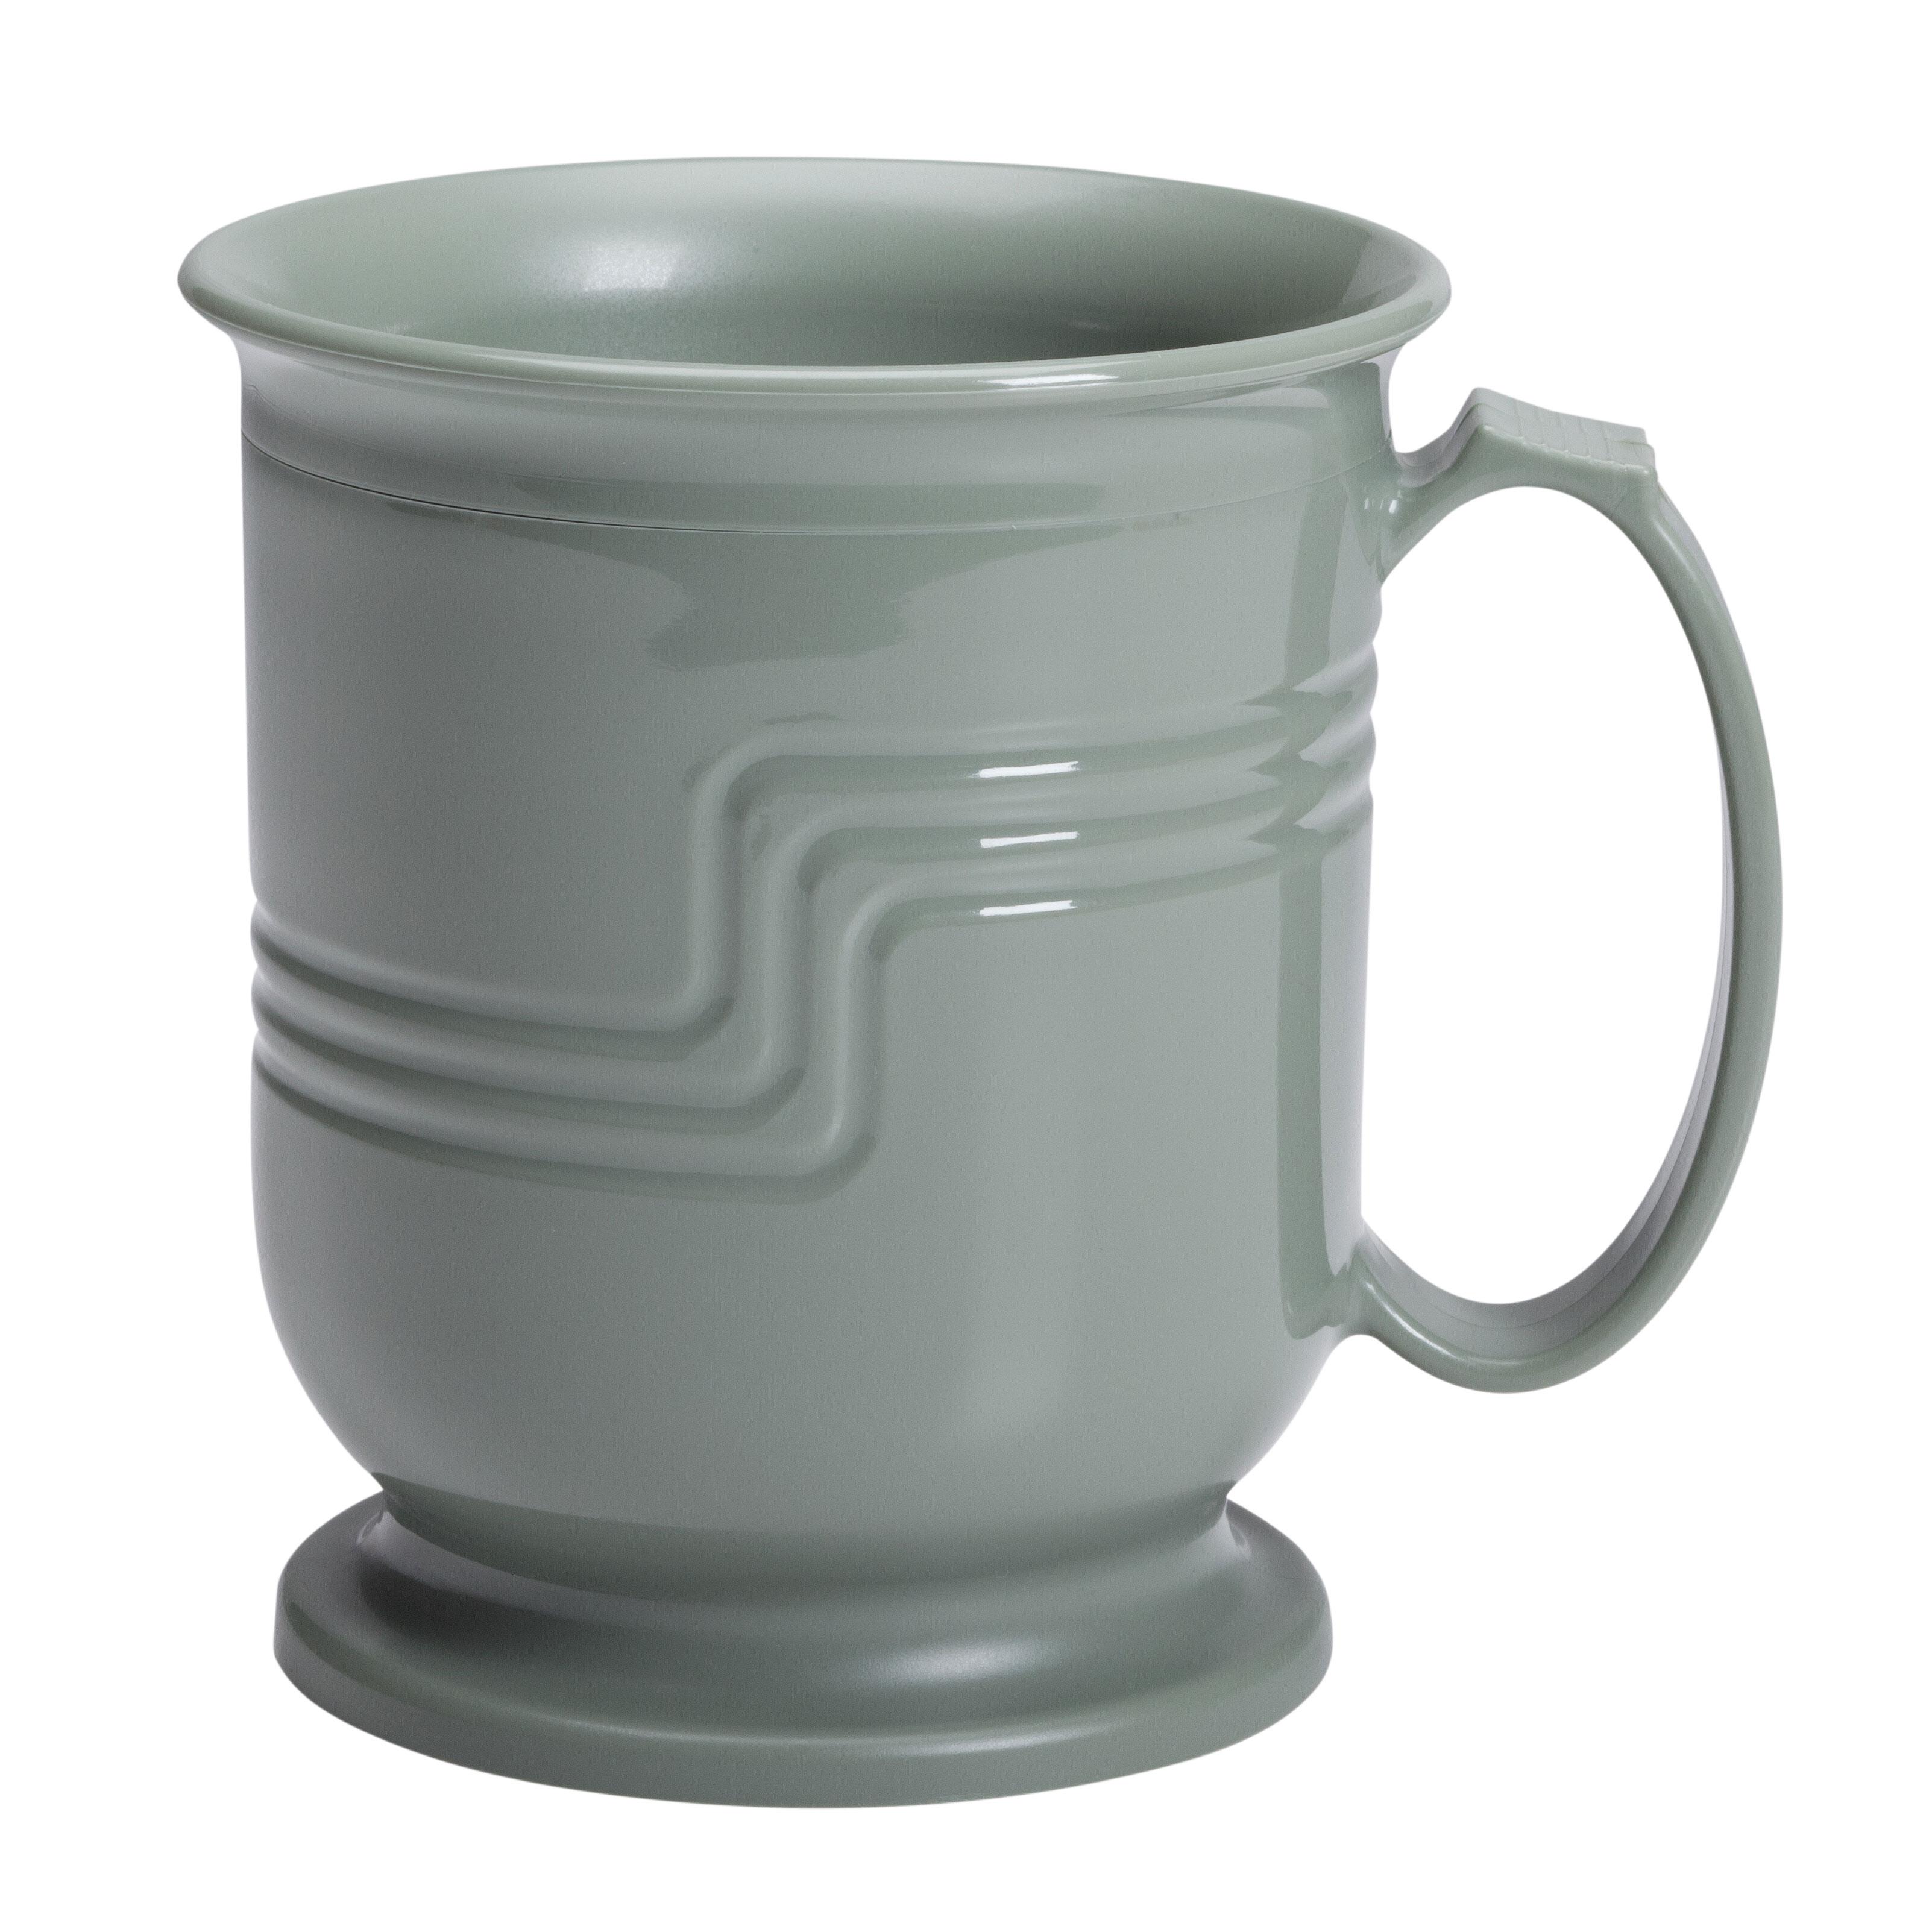 Cambro MDSM8447 mugs/cups (non disposable)